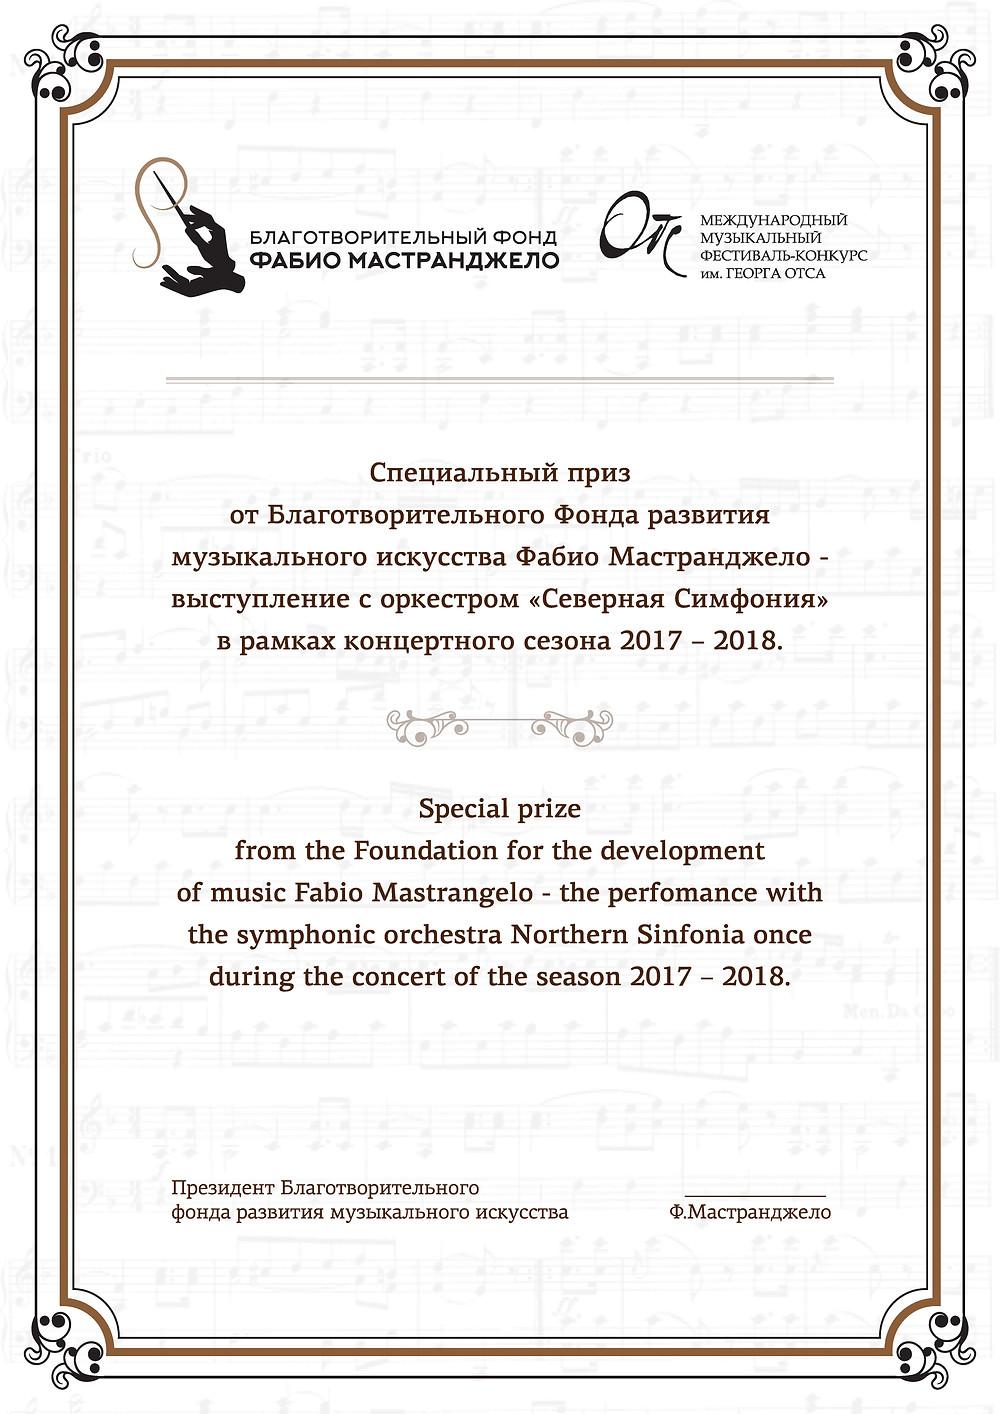 Благотворительный фонд развития музыкального искусства Фабио Мастранджело